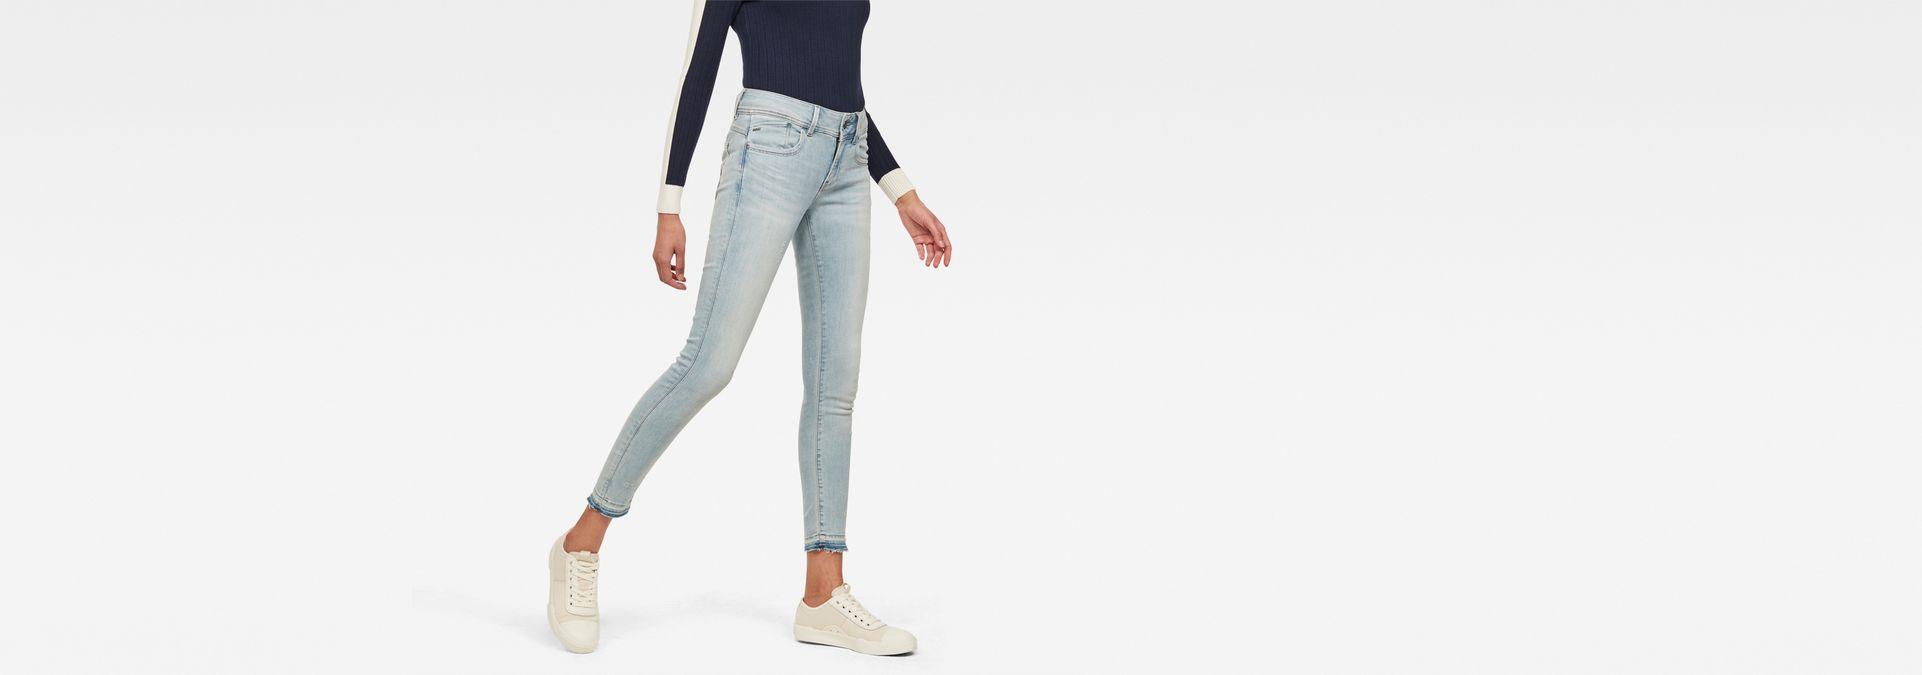 Lynn Mid Waist Skinny Ripped Jeans | G Star RAW®